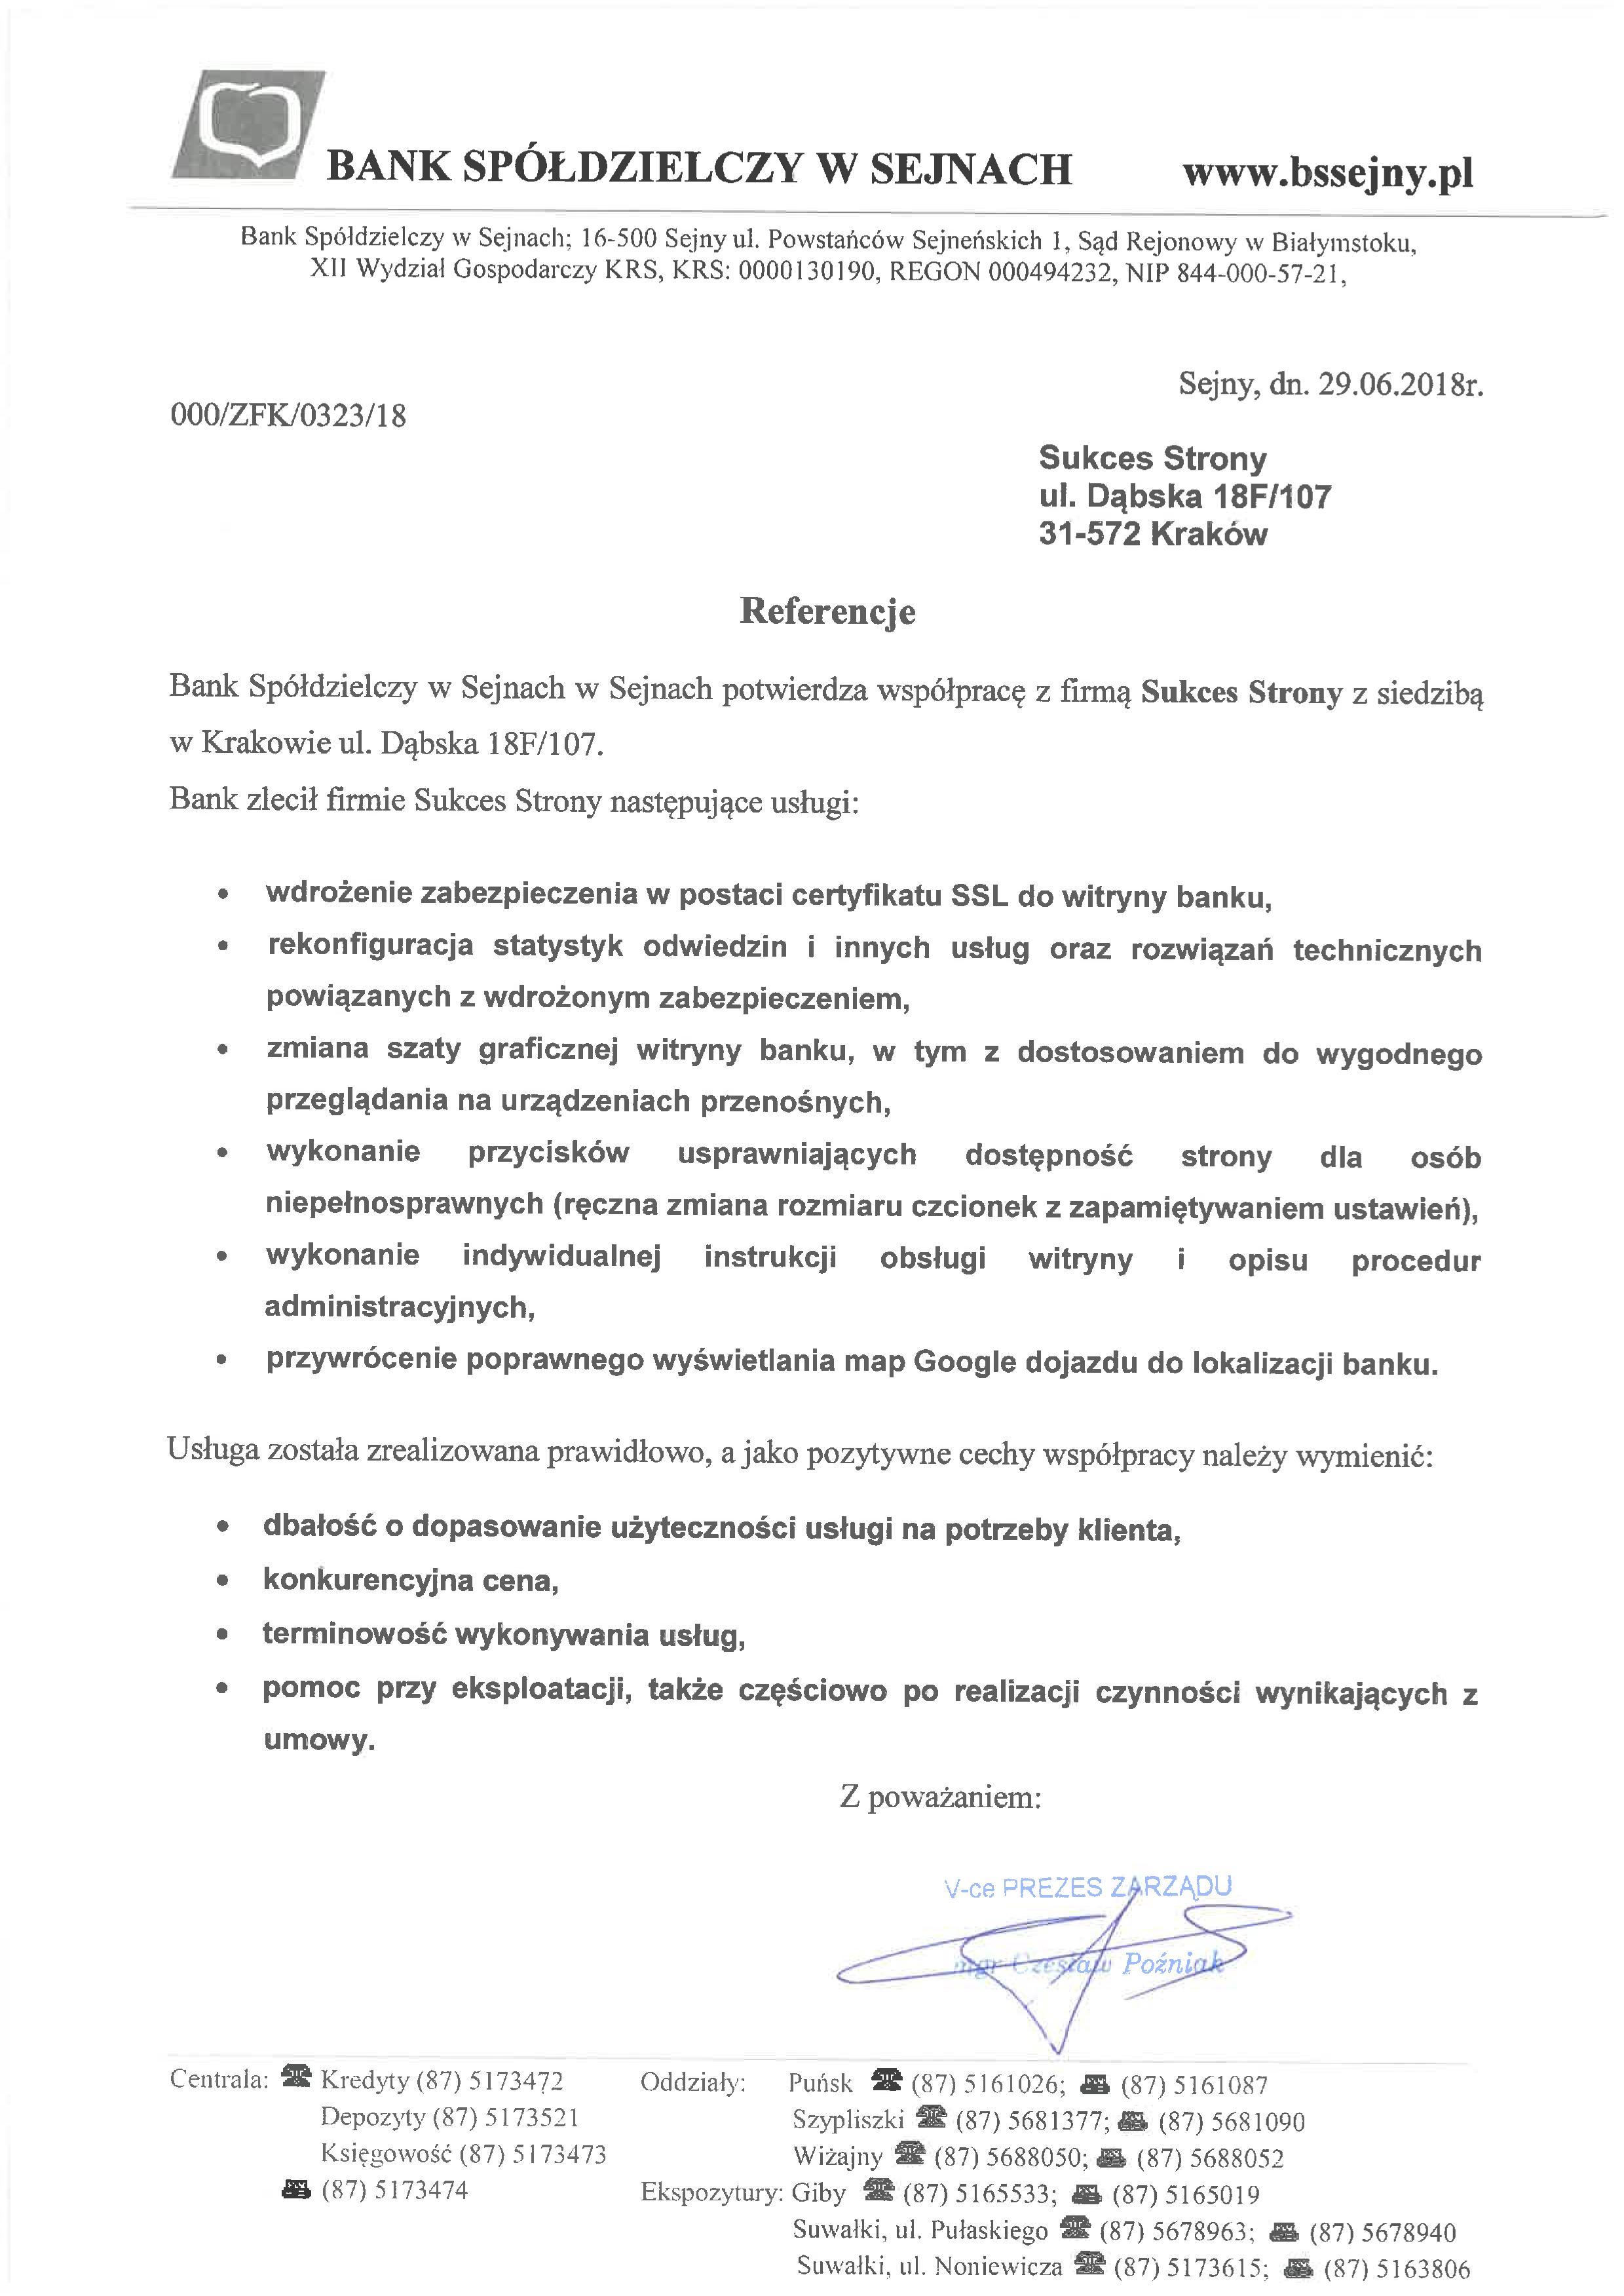 Referencje - Bank Spółdzielczy w Sejnach - SSL